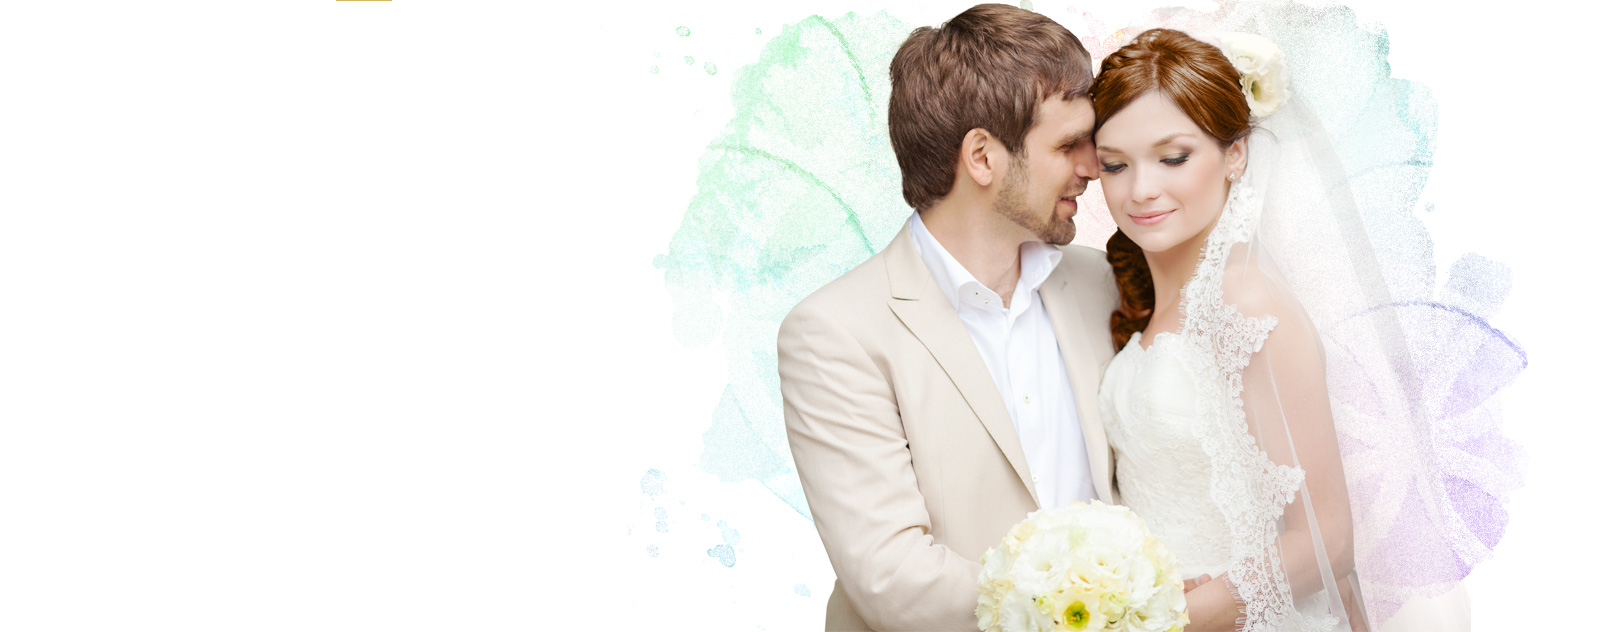 Irish Love Quotes Wedding Irish Wedding Rings For Men And Women  Celtic Rings Ltd